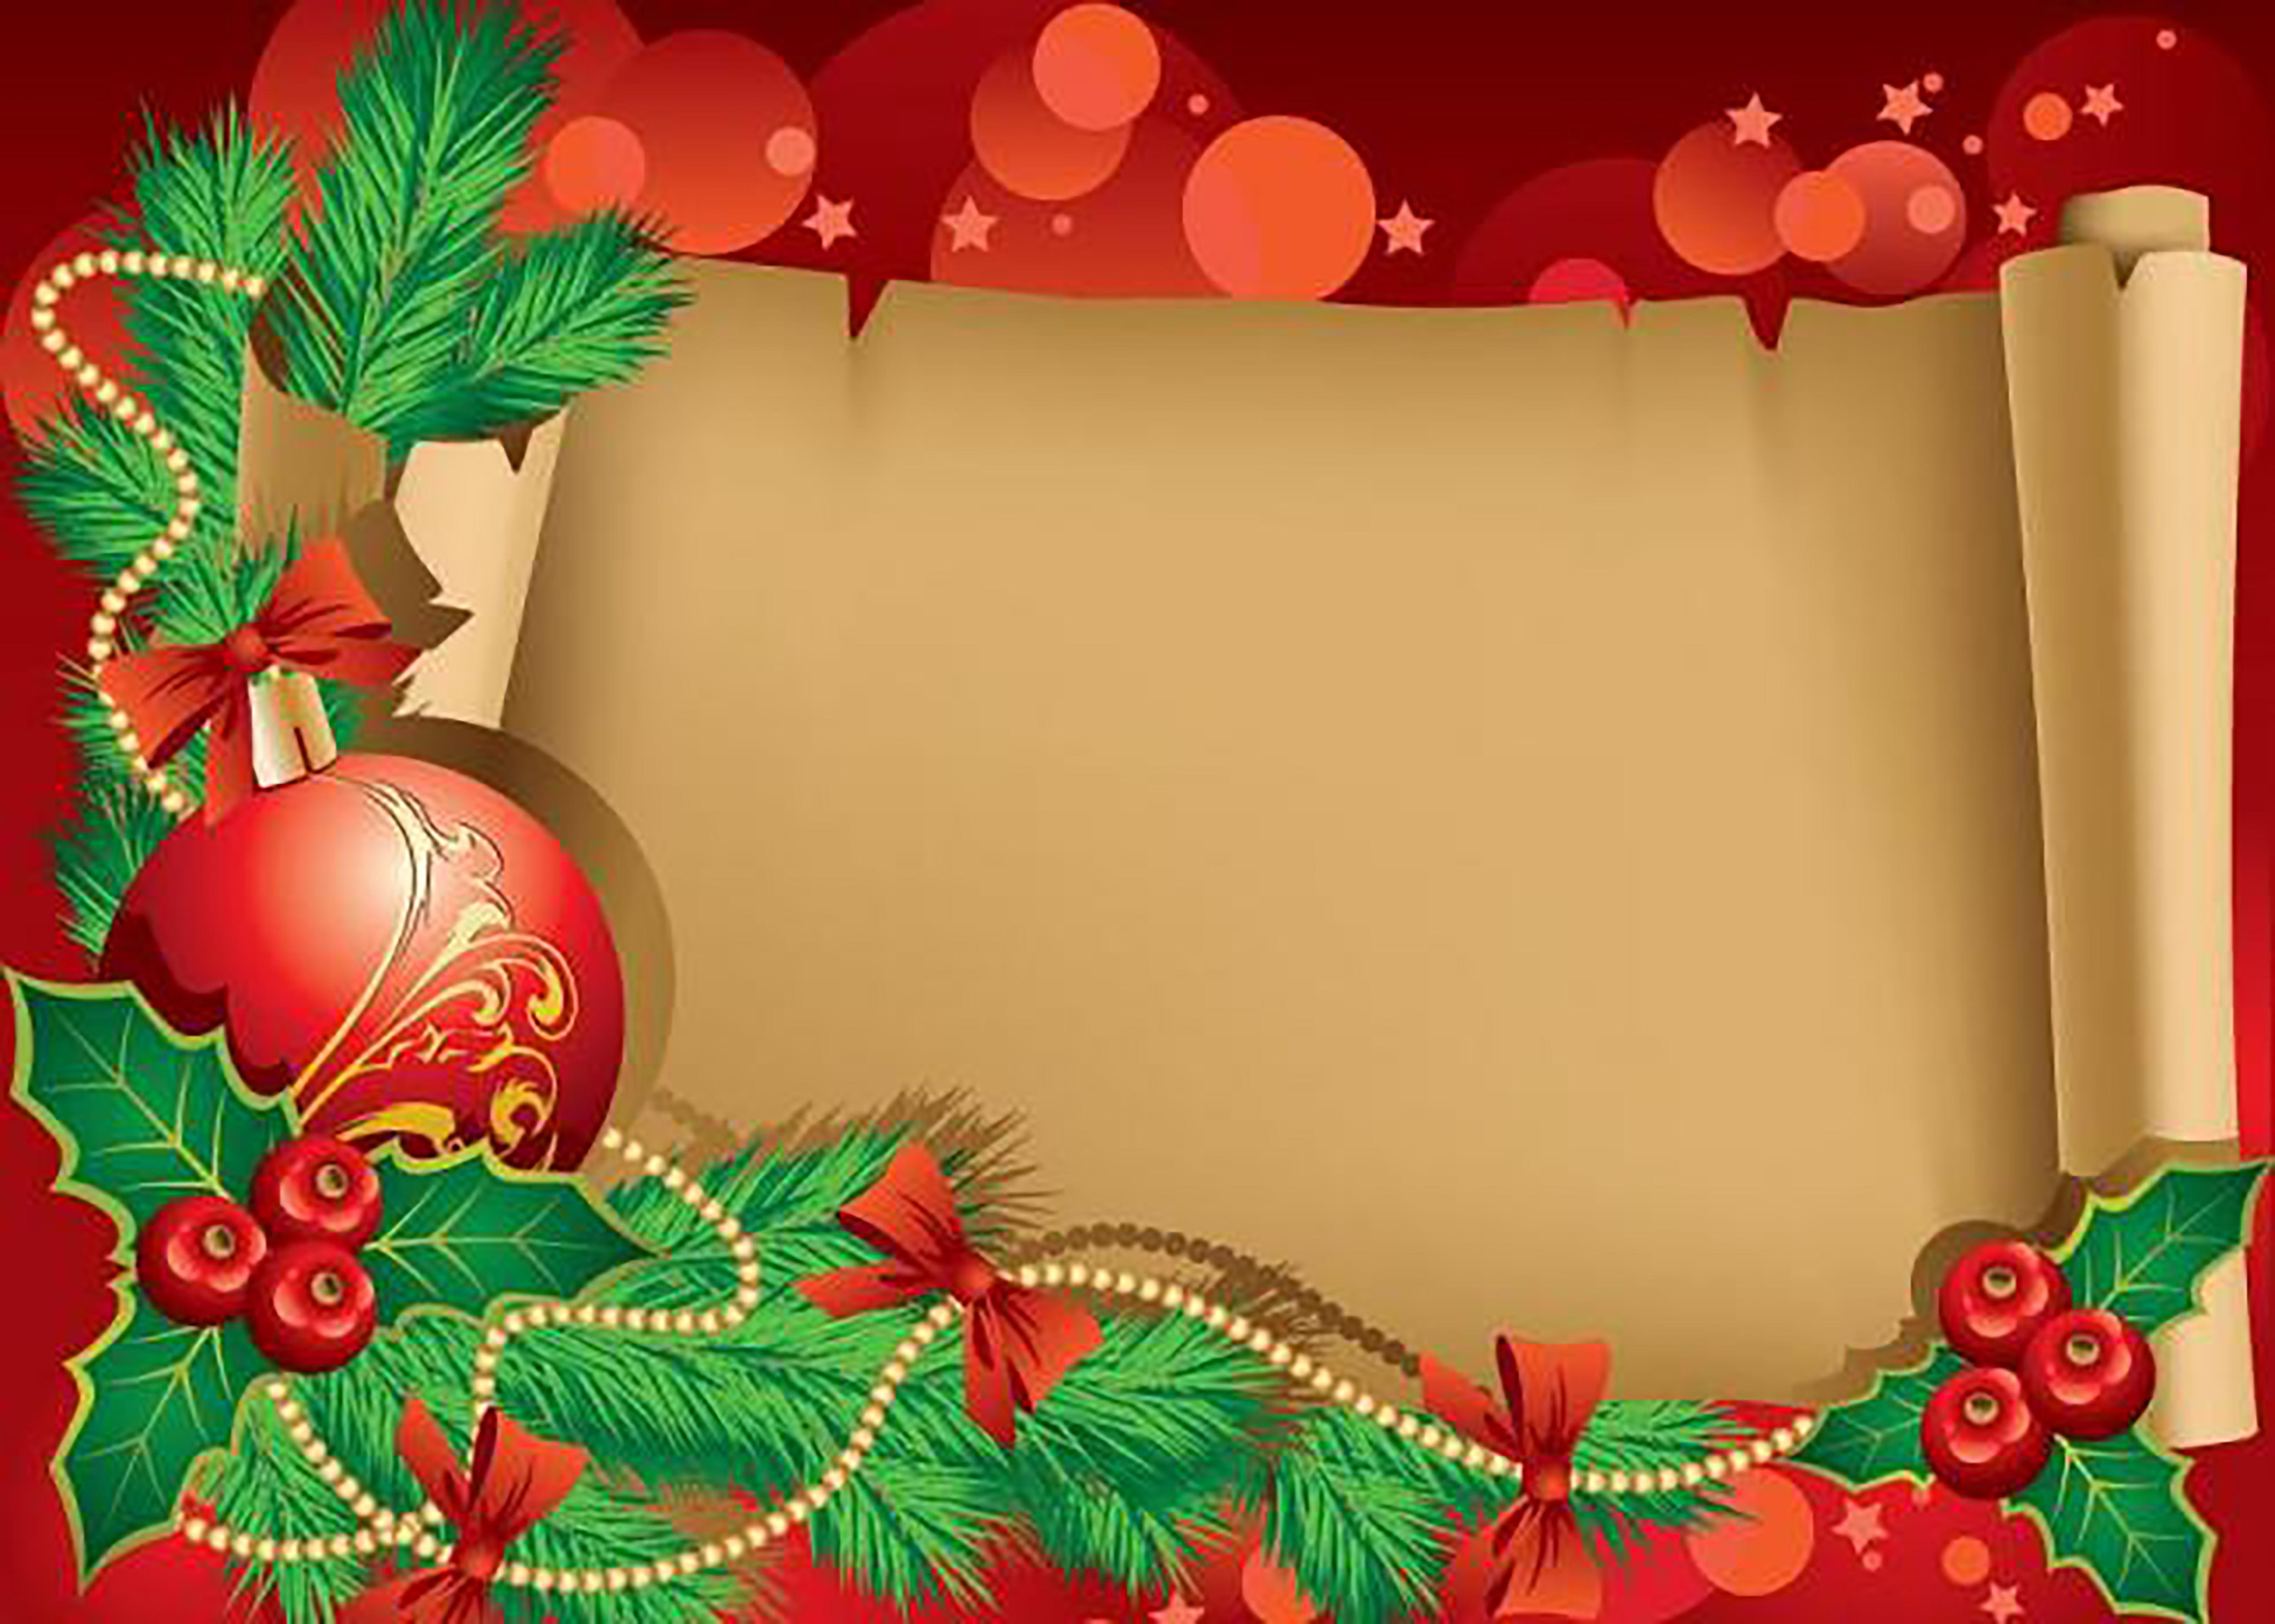 Kraftpapier weihnachts hintergrund Kraftpapier ROLLEN Nostalgie ...